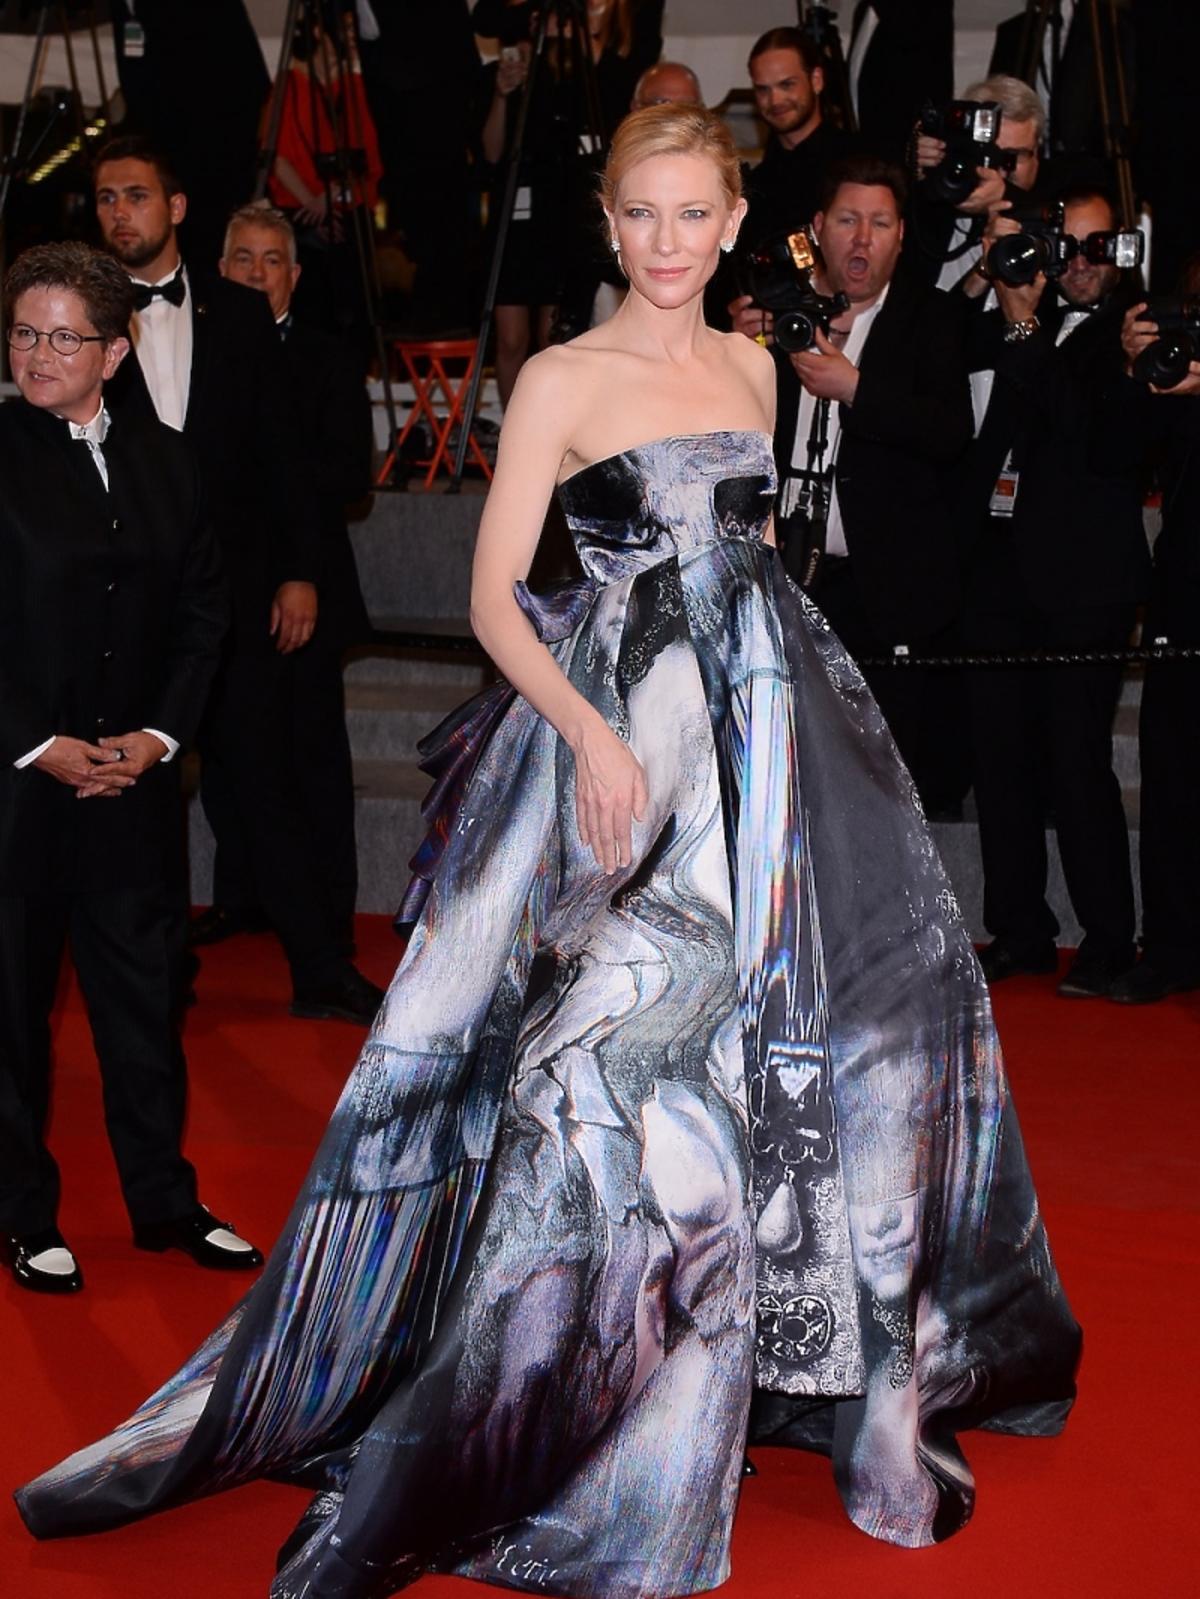 Cate Blanchett w sukni w czarno białe wzory na czerwonym dywanie